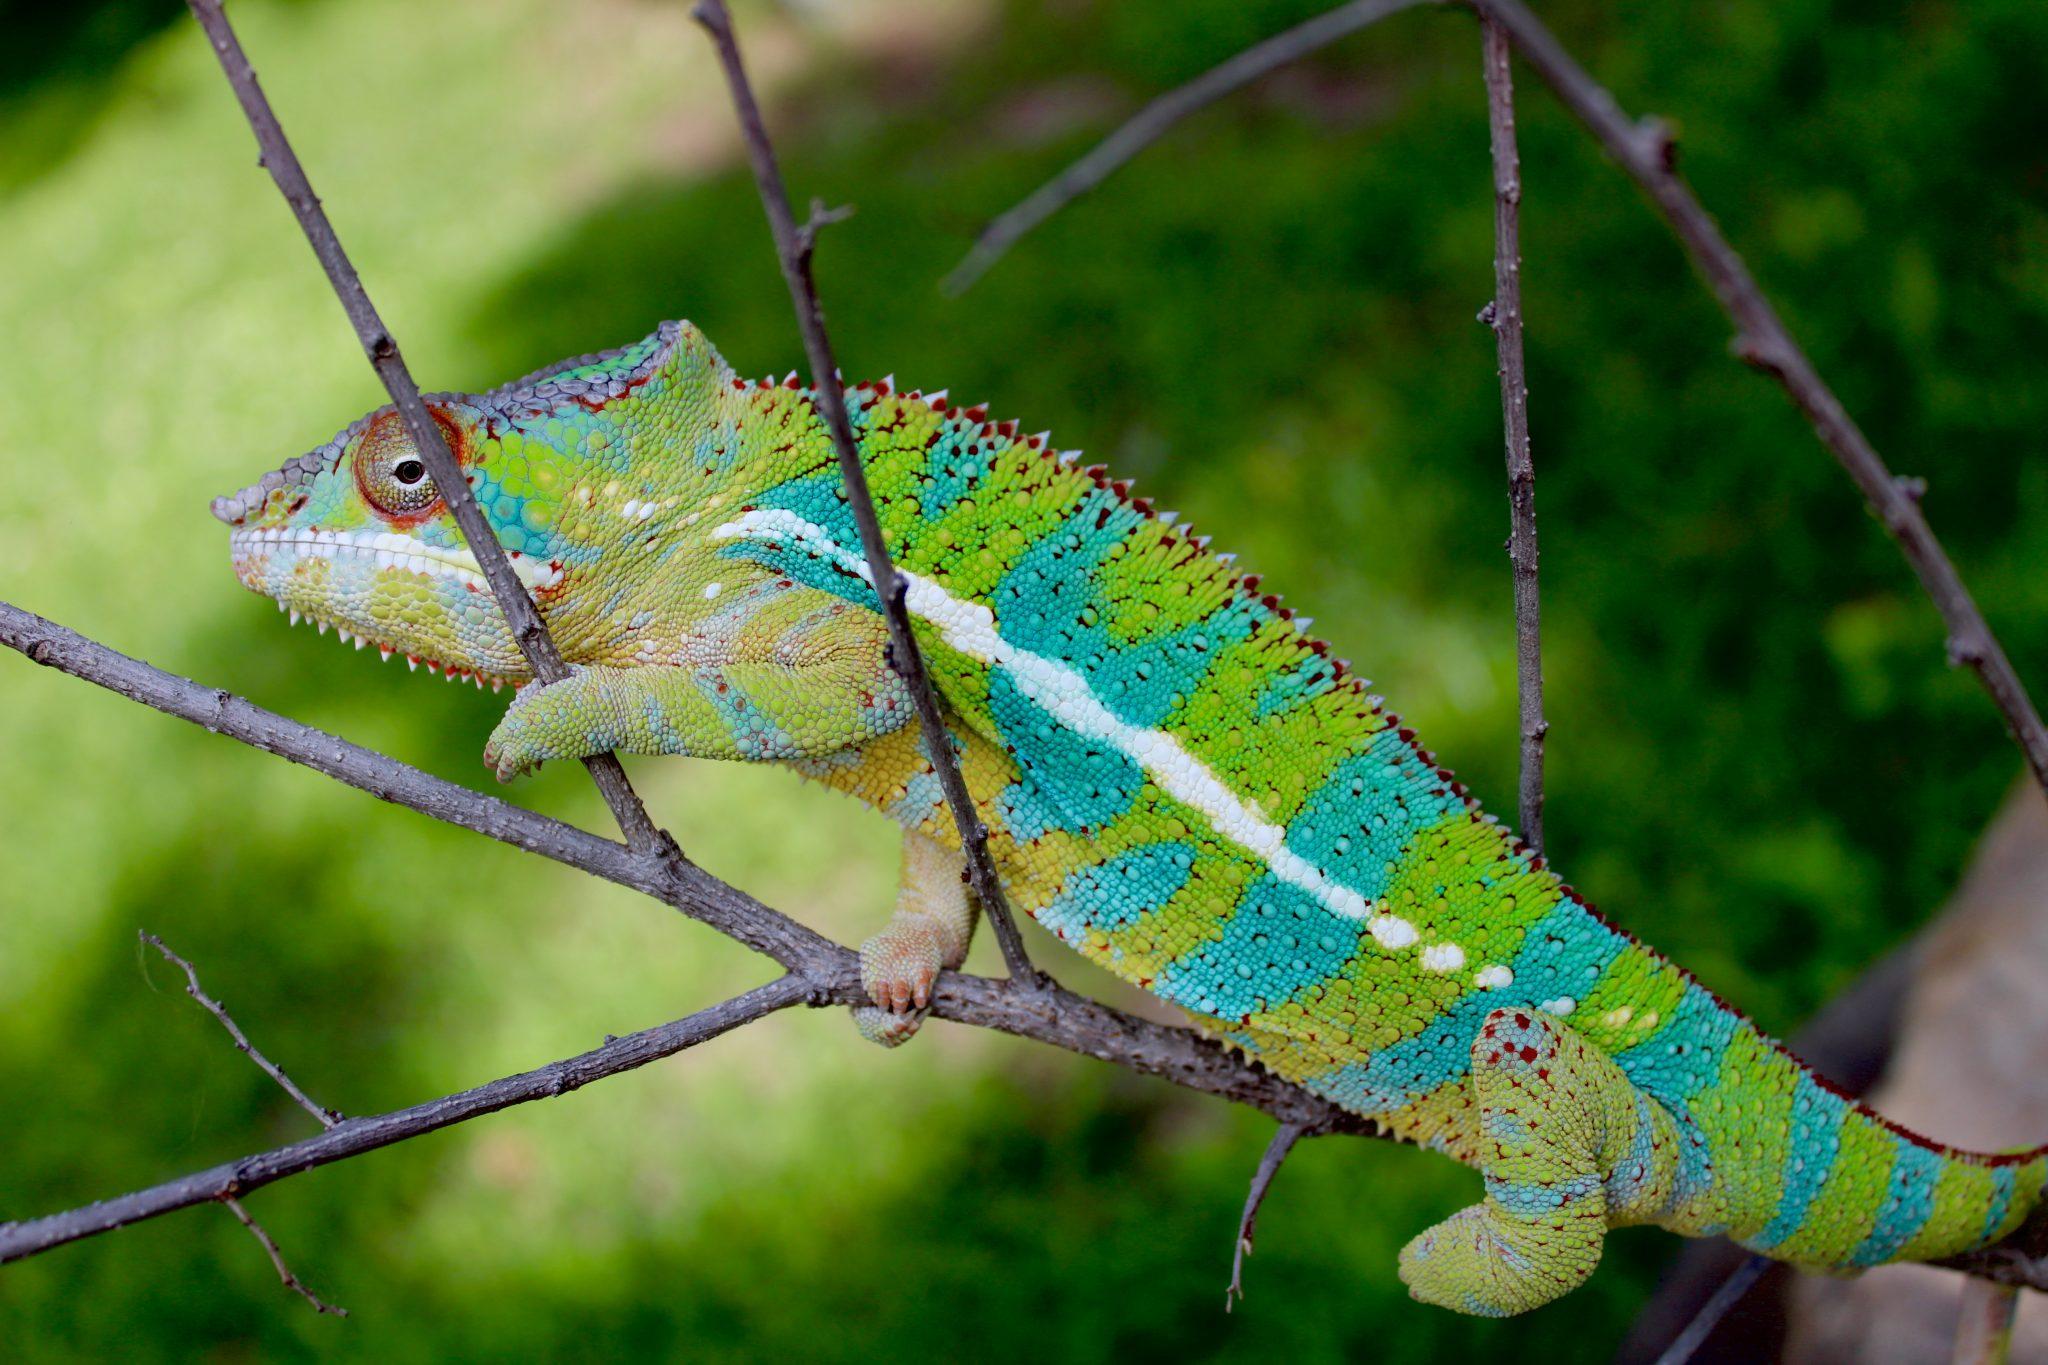 Care Feeding Chromatic Chameleons